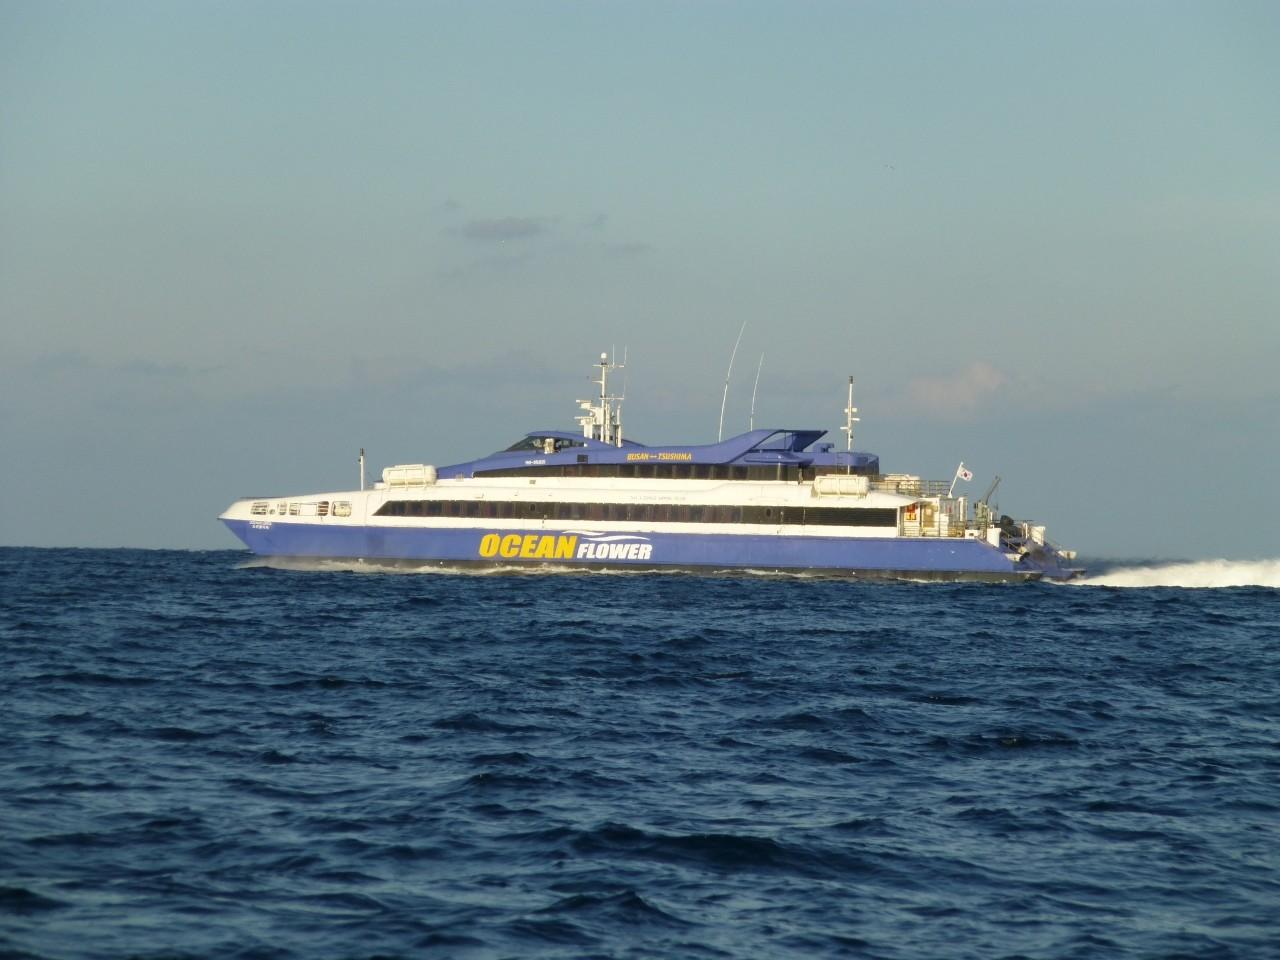 12月26日 本船帰港へ 高速艇オーシャンフラワー釜山へ